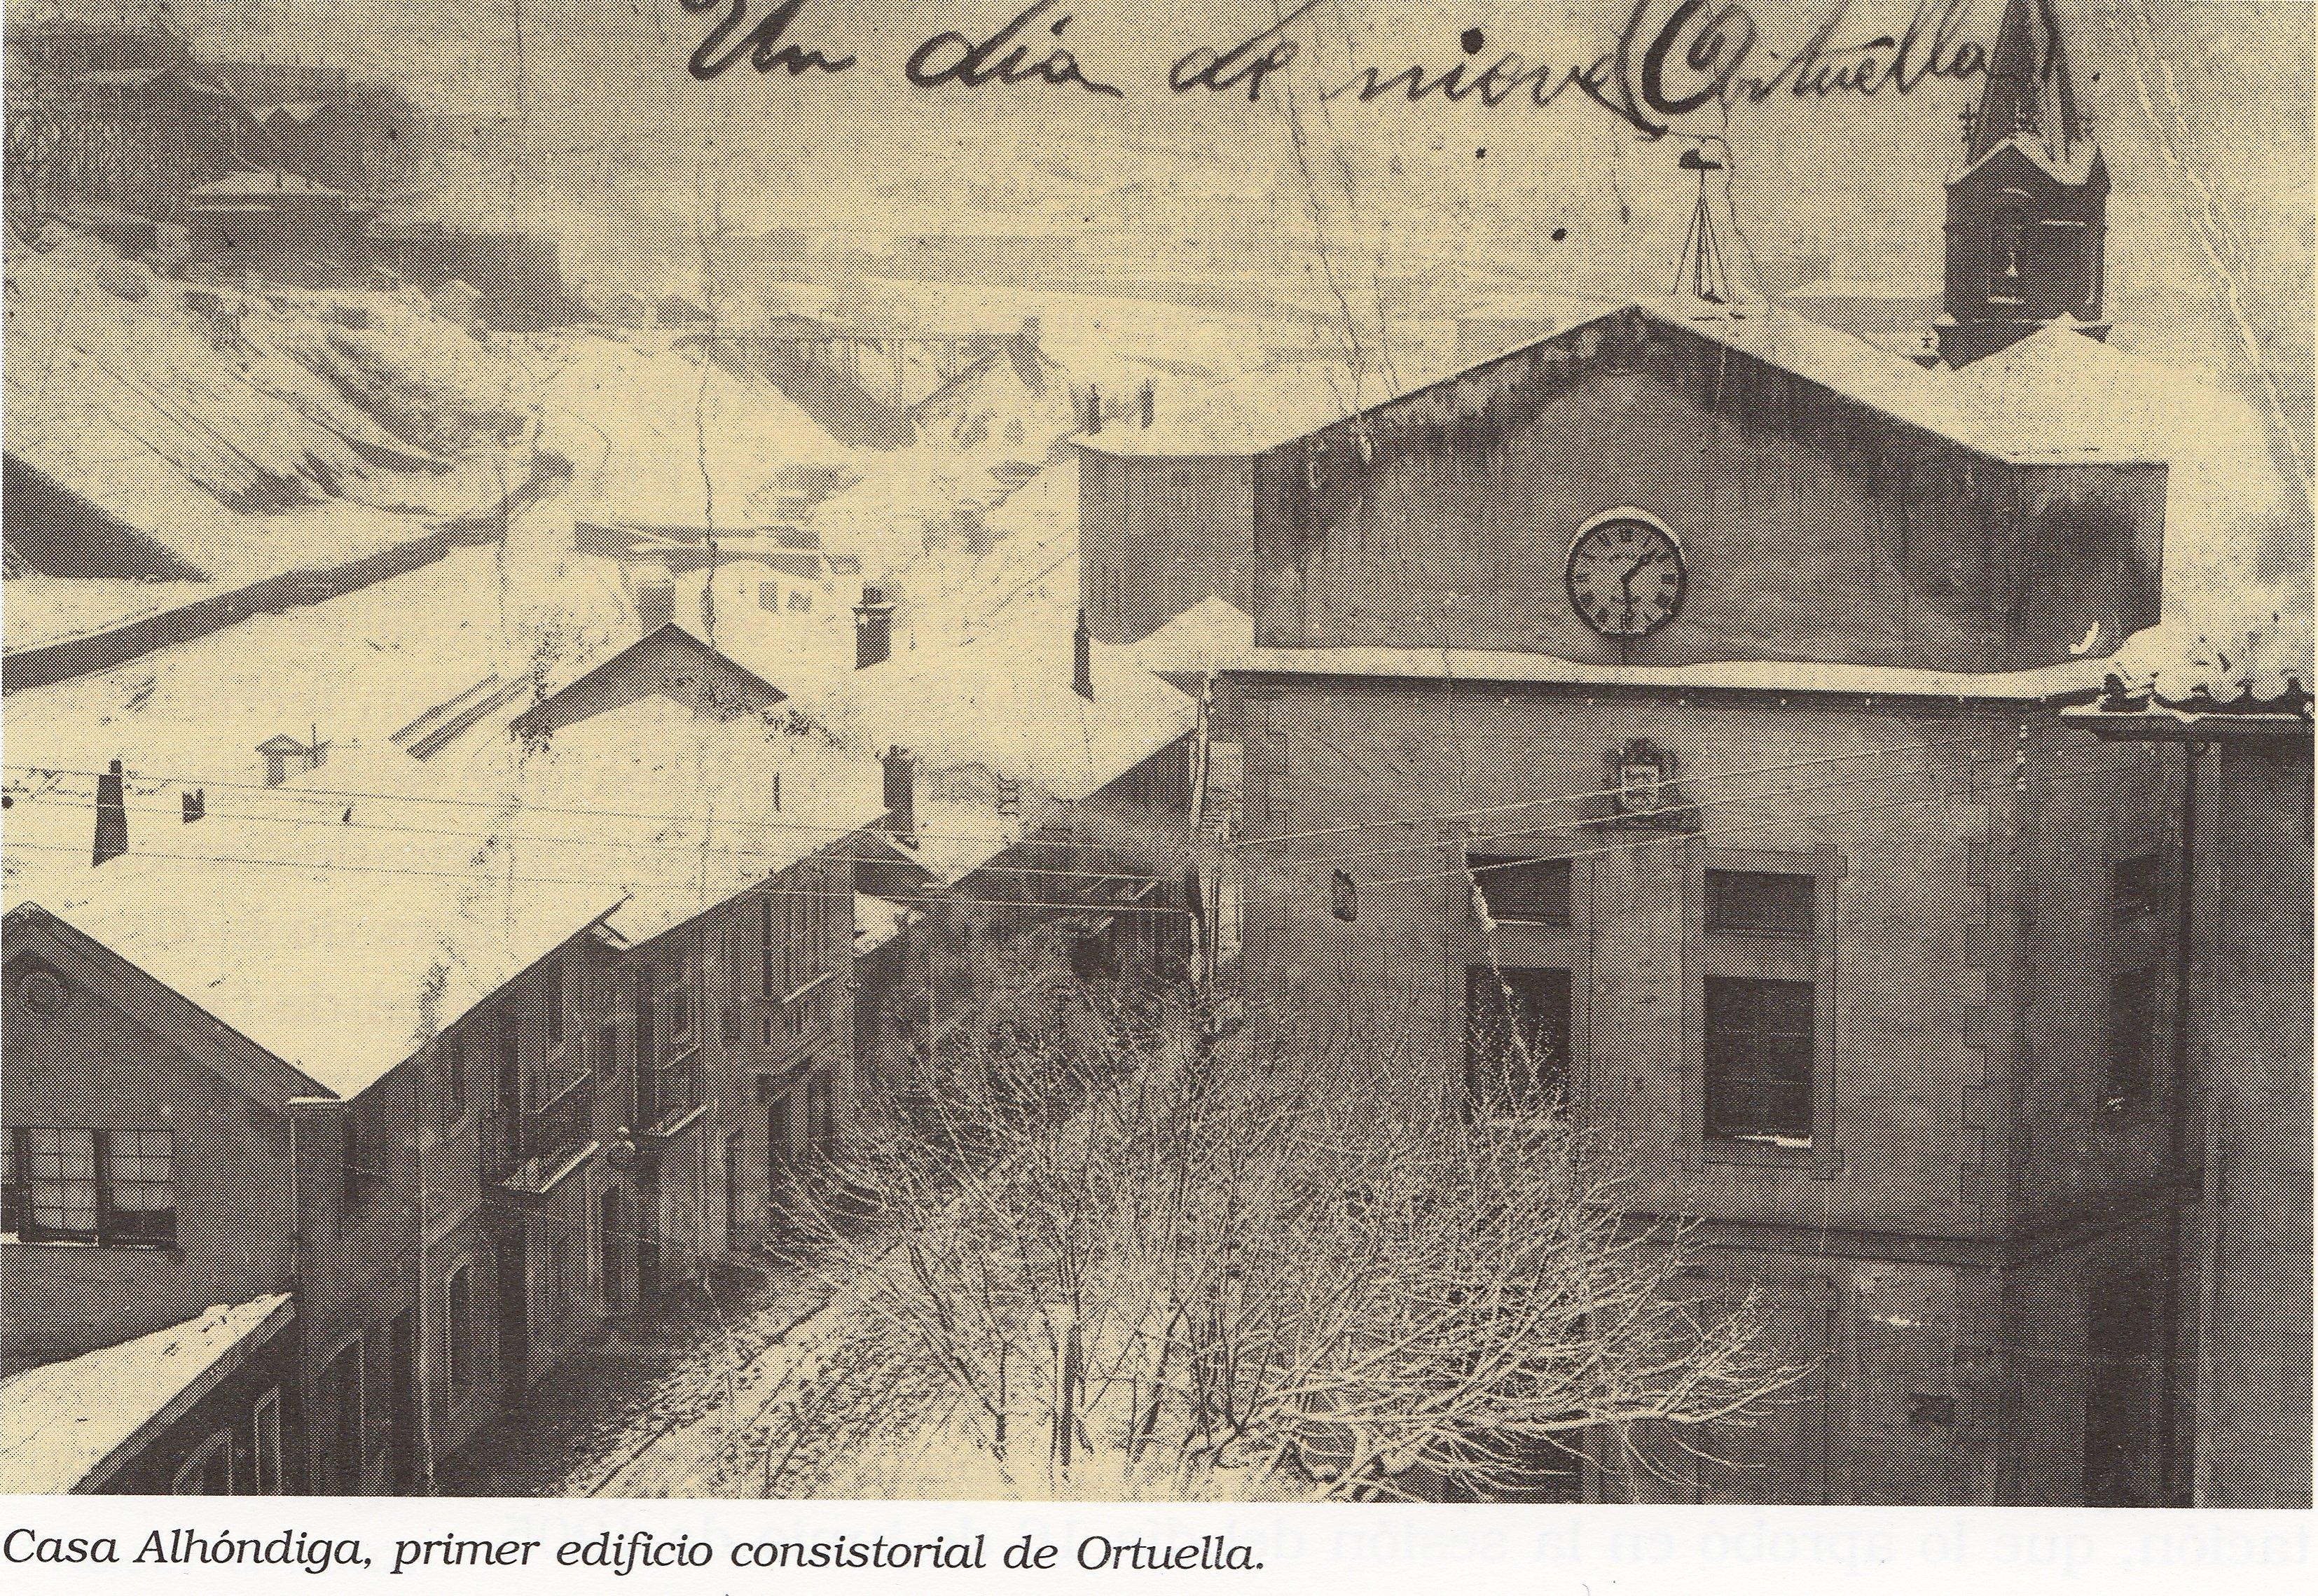 Casa Alhondiga en Ortuella